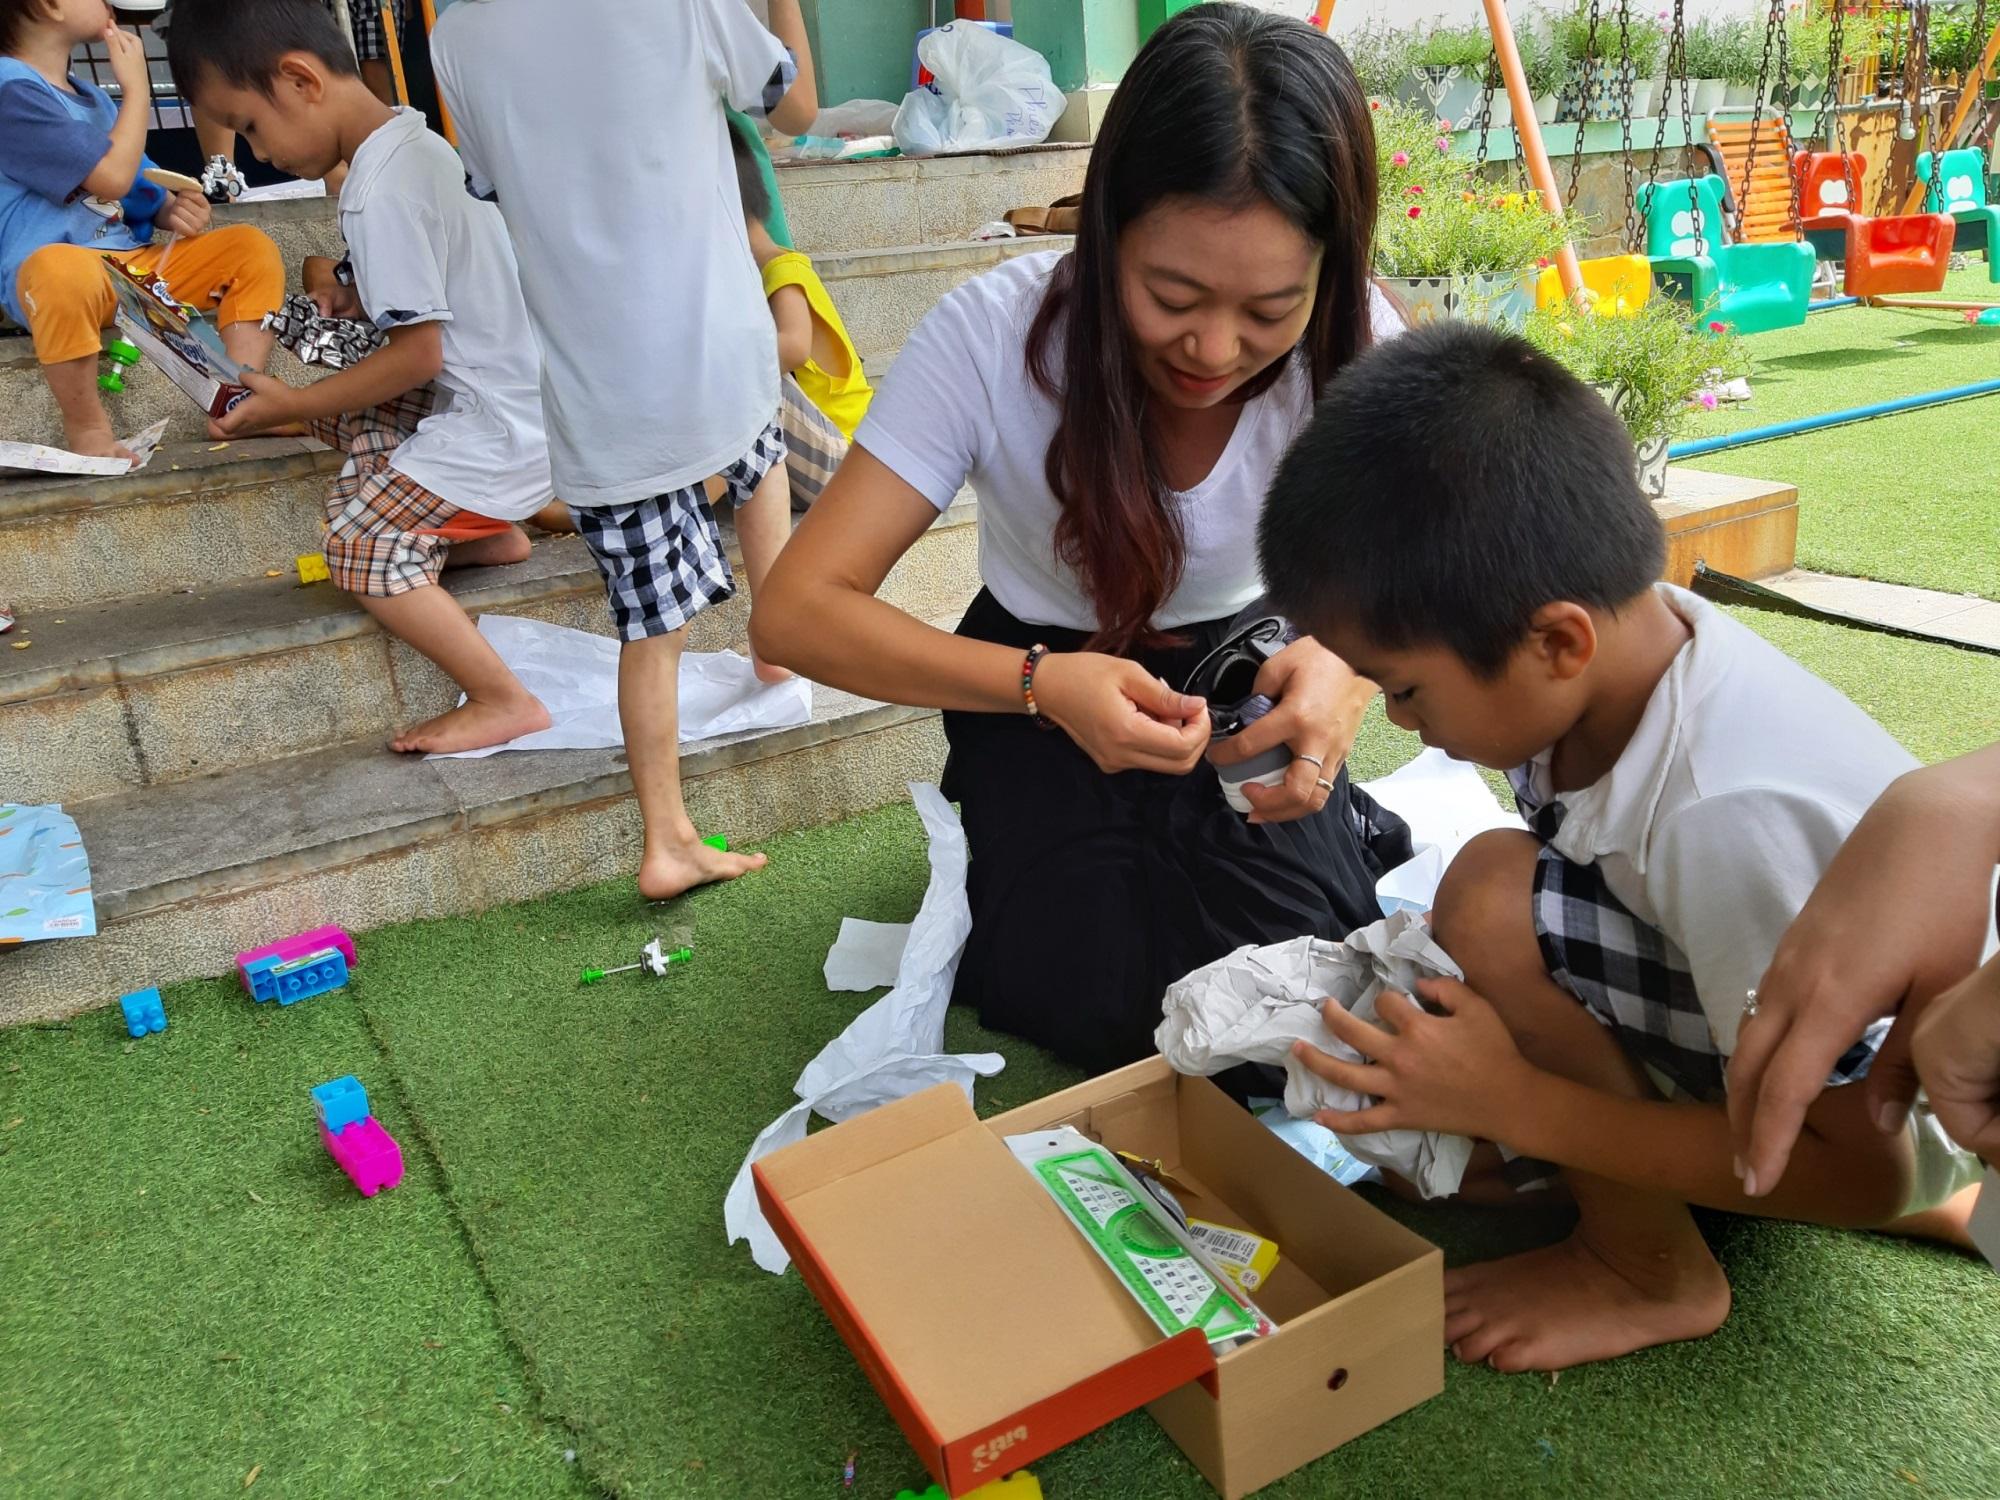 Chuỗi chương trình từ thiện 3 ngày của Hội đá ốp lát Sài Gòn kỷ niệm 10 năm thành lập - Ảnh 13